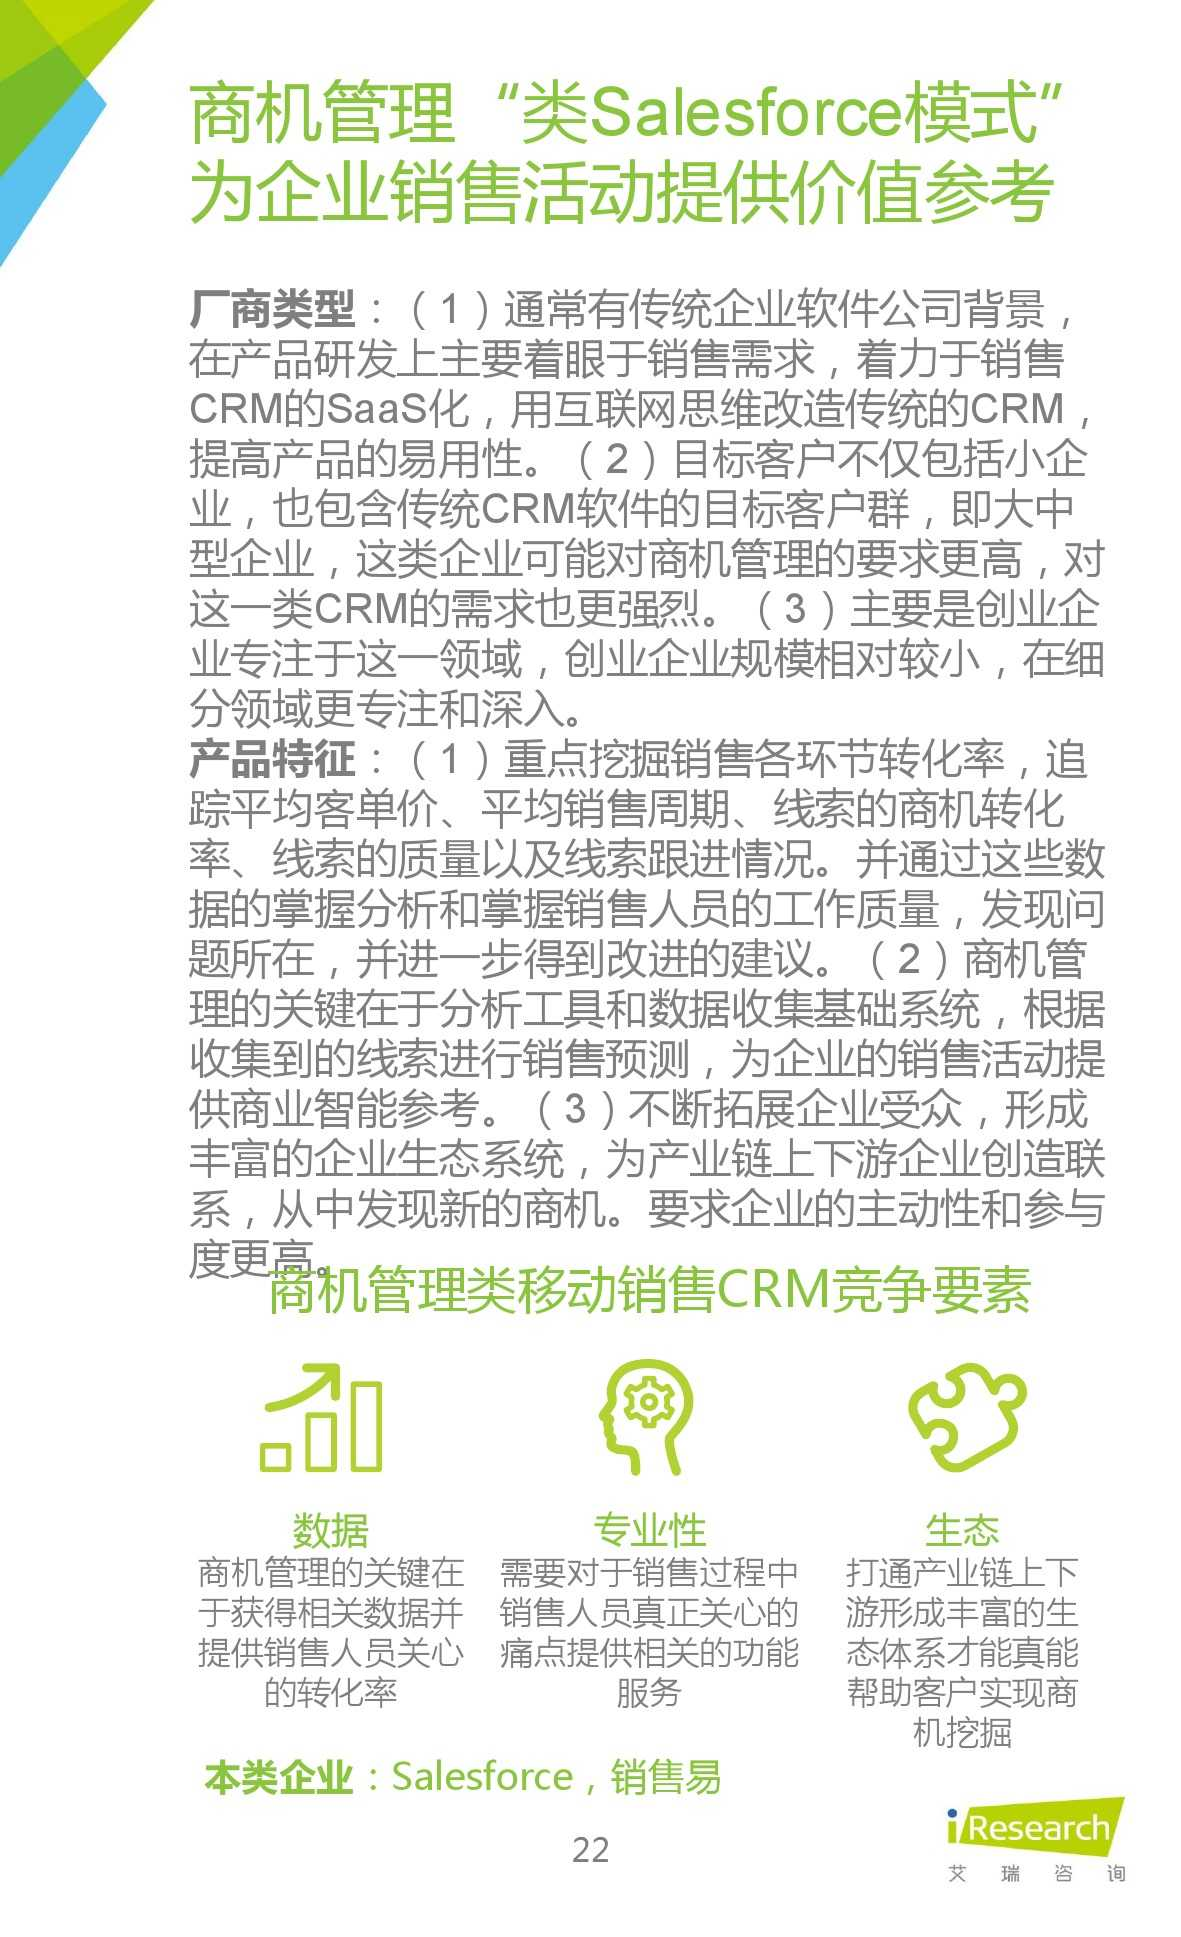 2015年中国移动销售CRM行业研究报告_000022